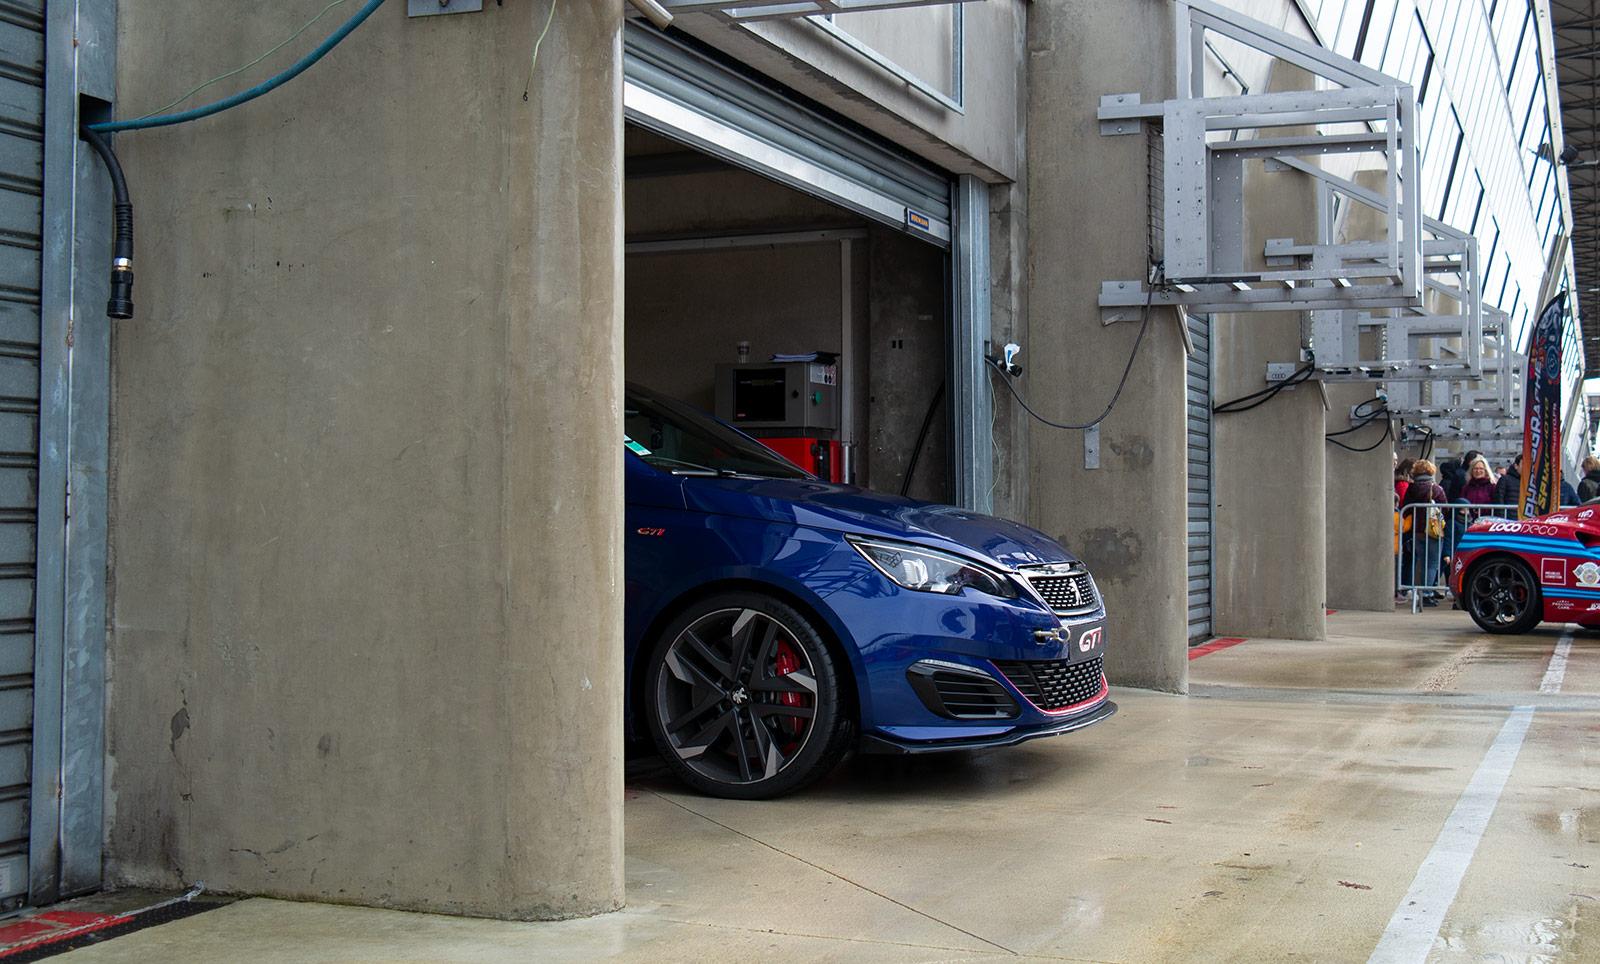 Peugeot 308 GTI circuit